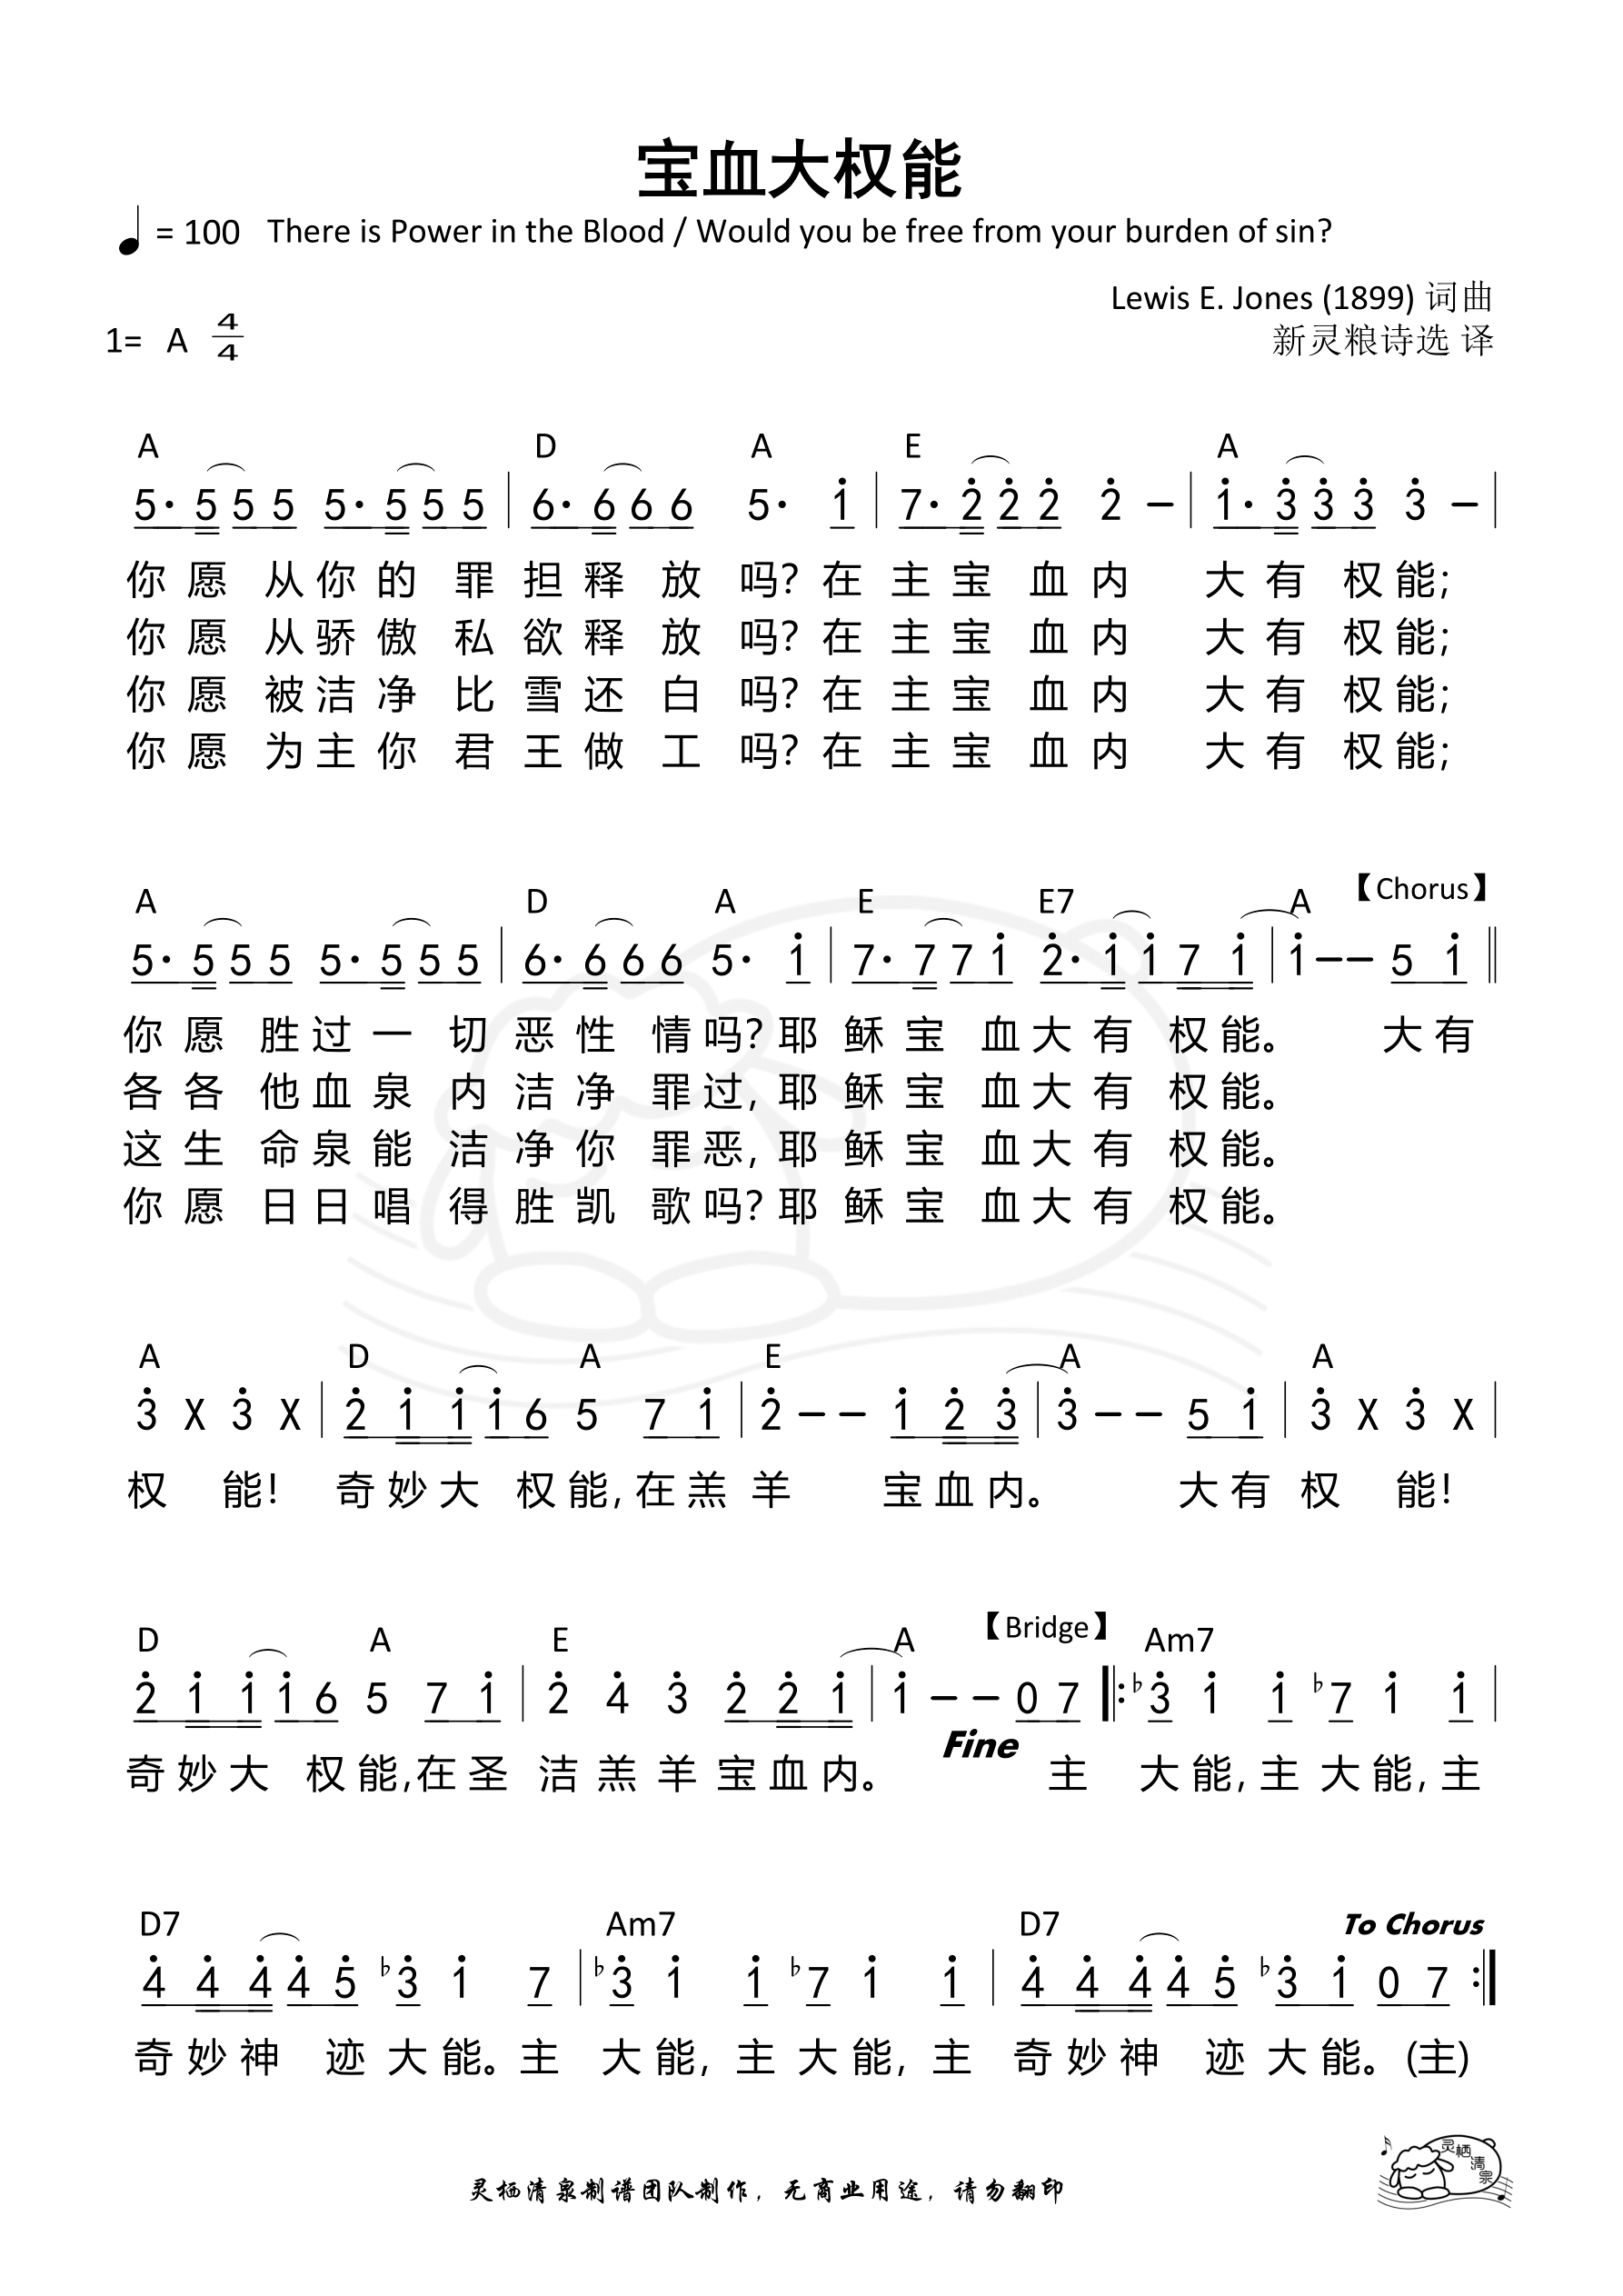 《第1017首 - 宝血大权能(现代版) 和弦简谱》